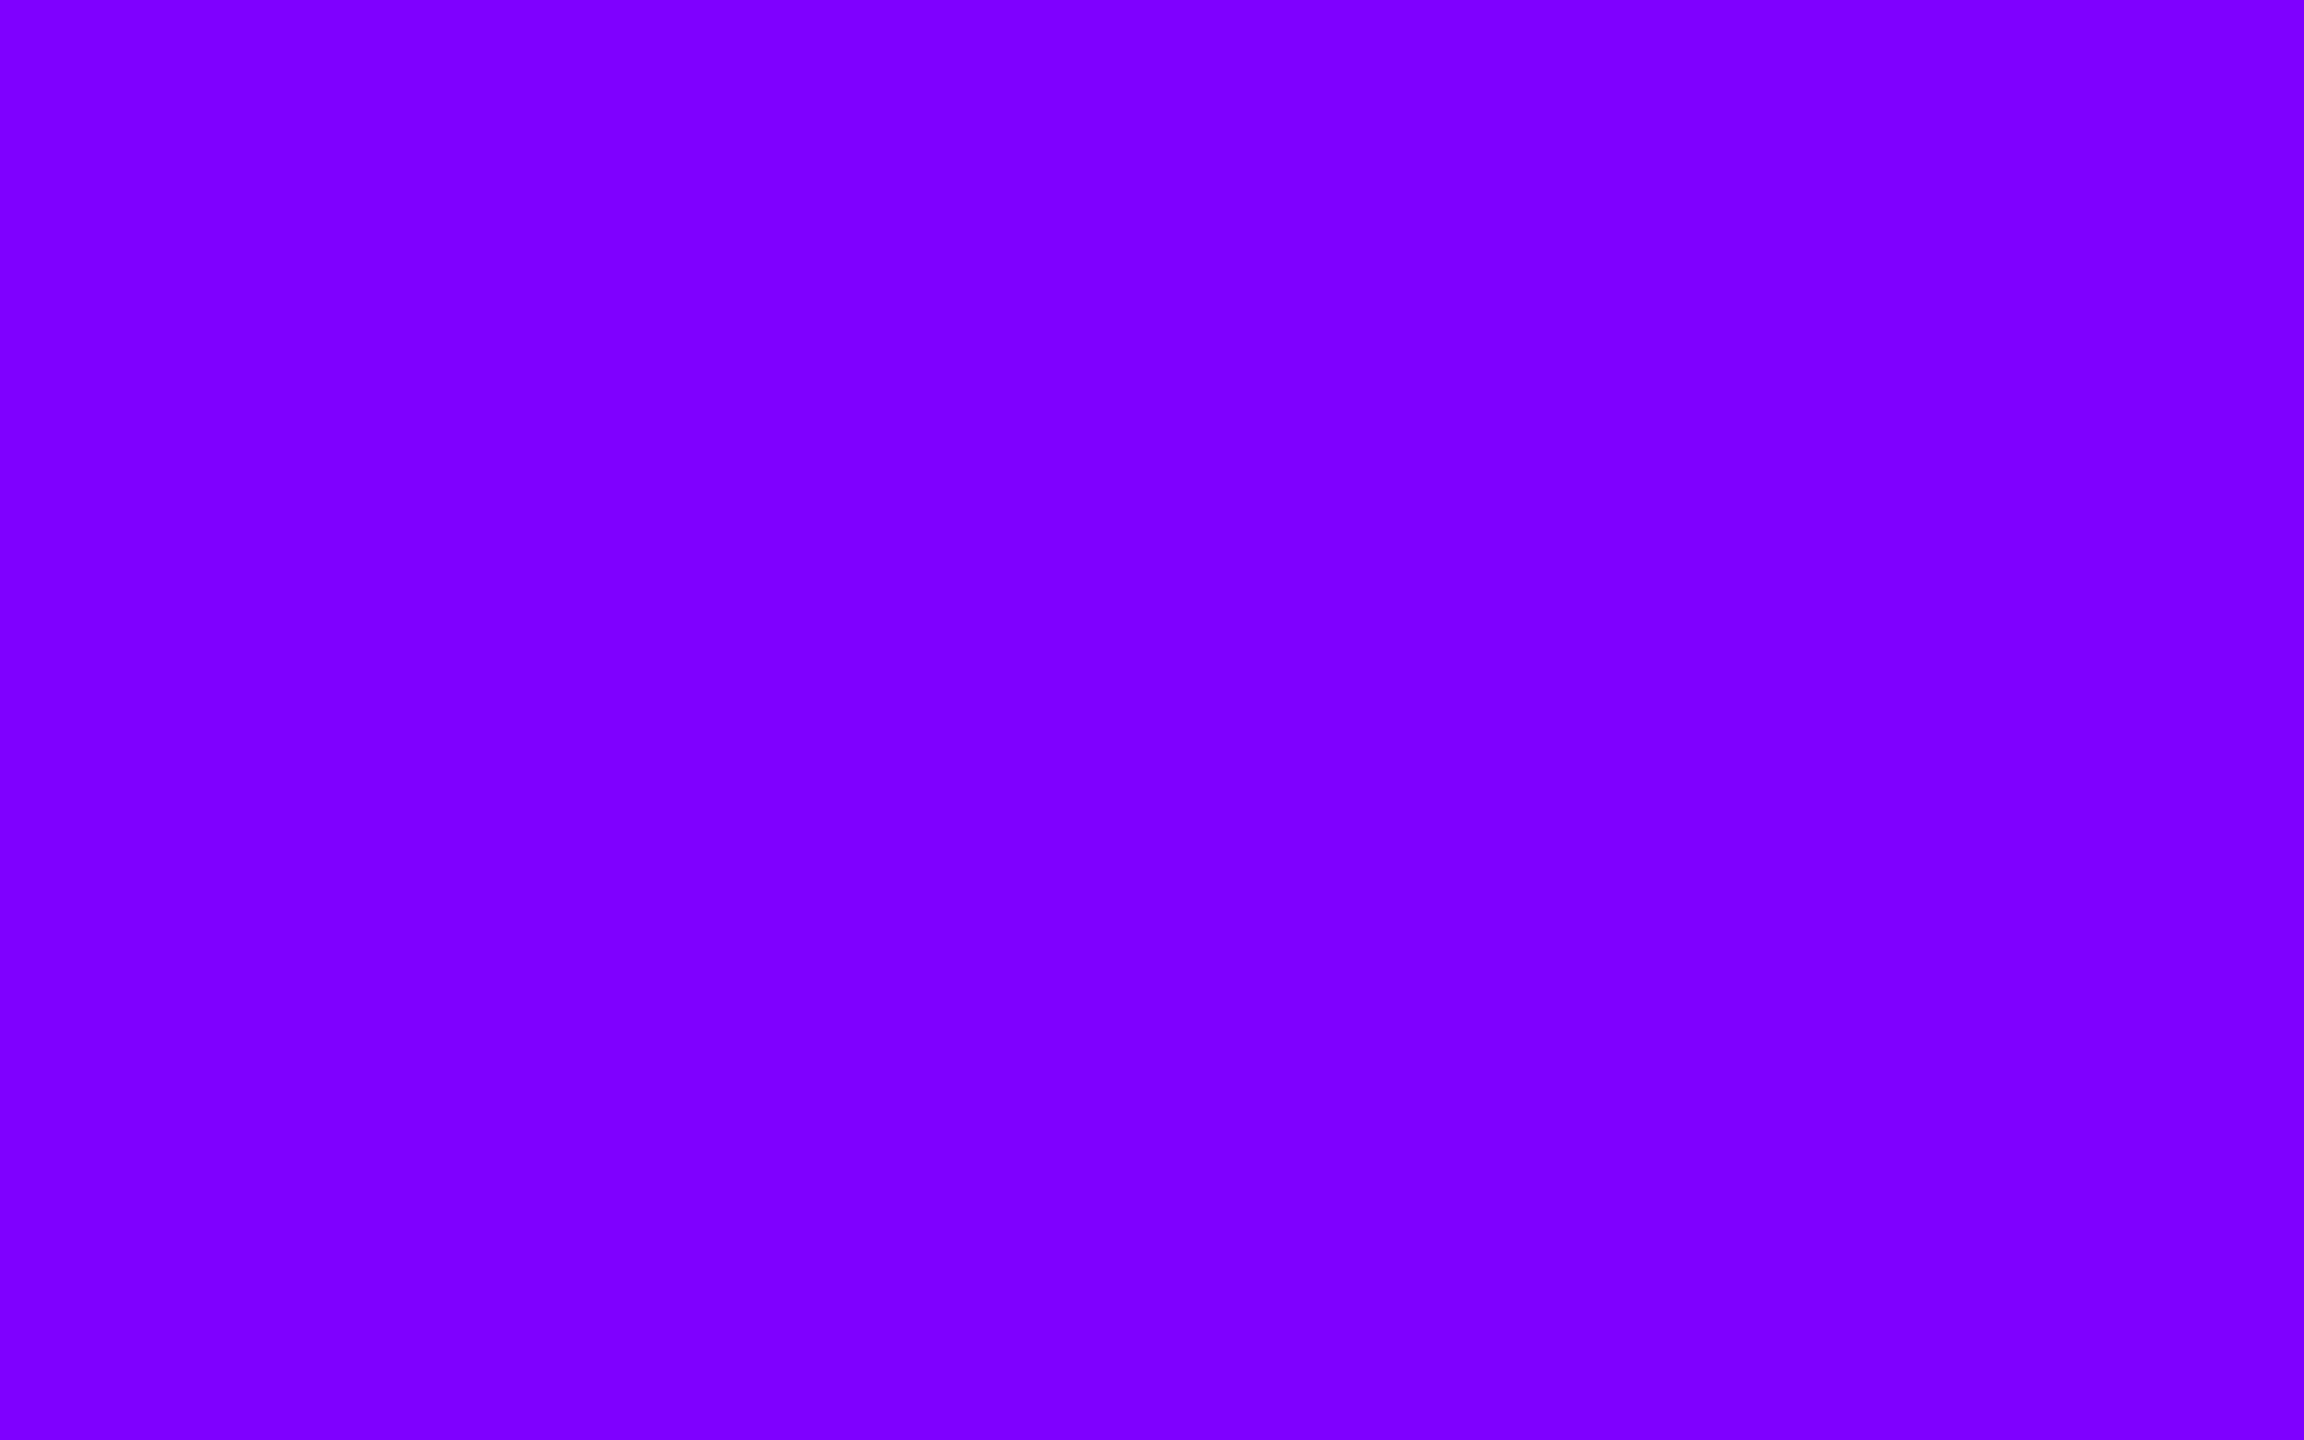 2304x1440 Violet Color Wheel Solid Color Background